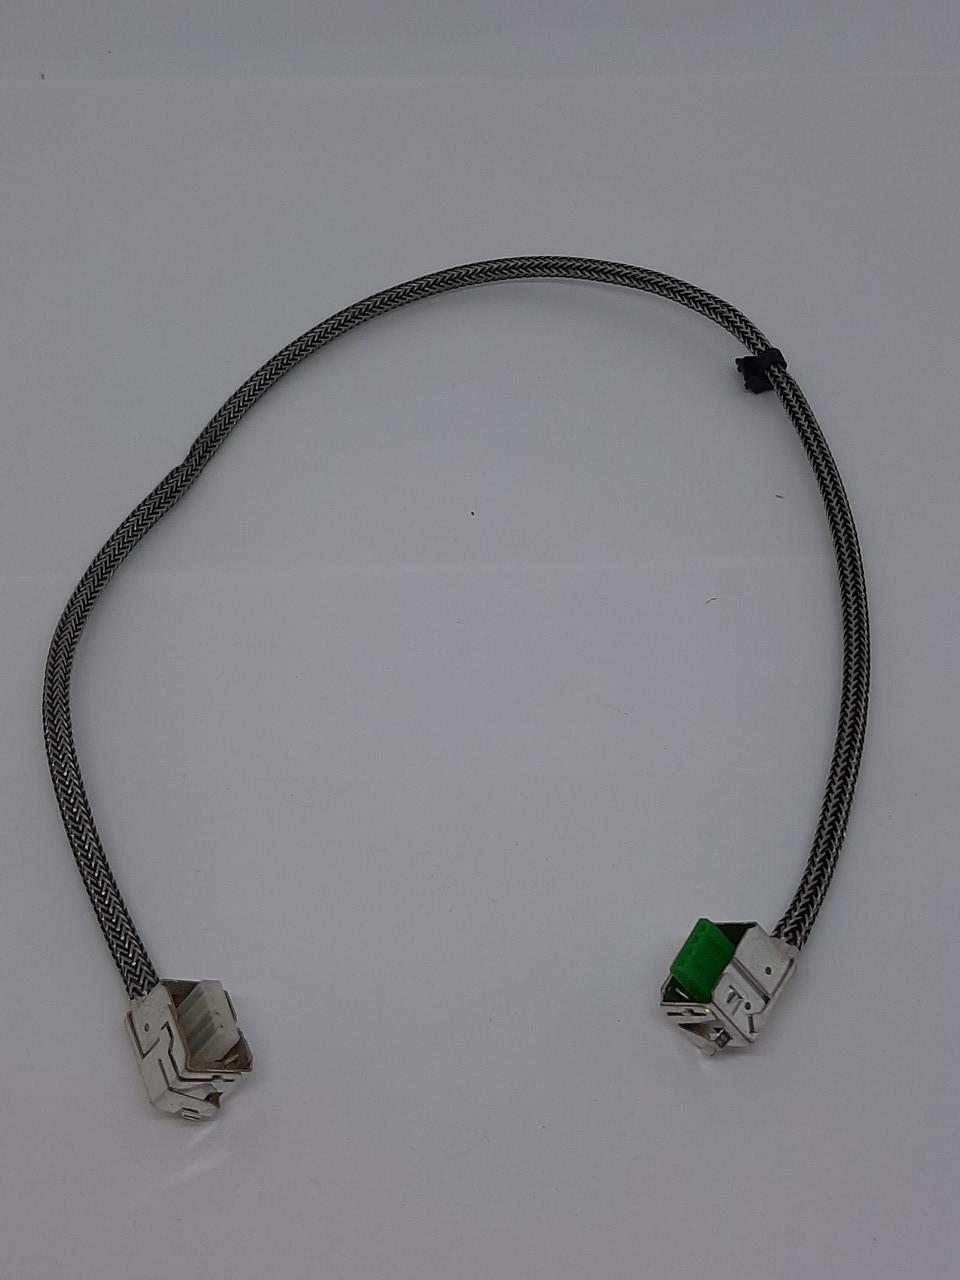 Провода Кабель-адаптер разъем балласта разъем для D1S/D1R/D3S/D3R балласт оригинал